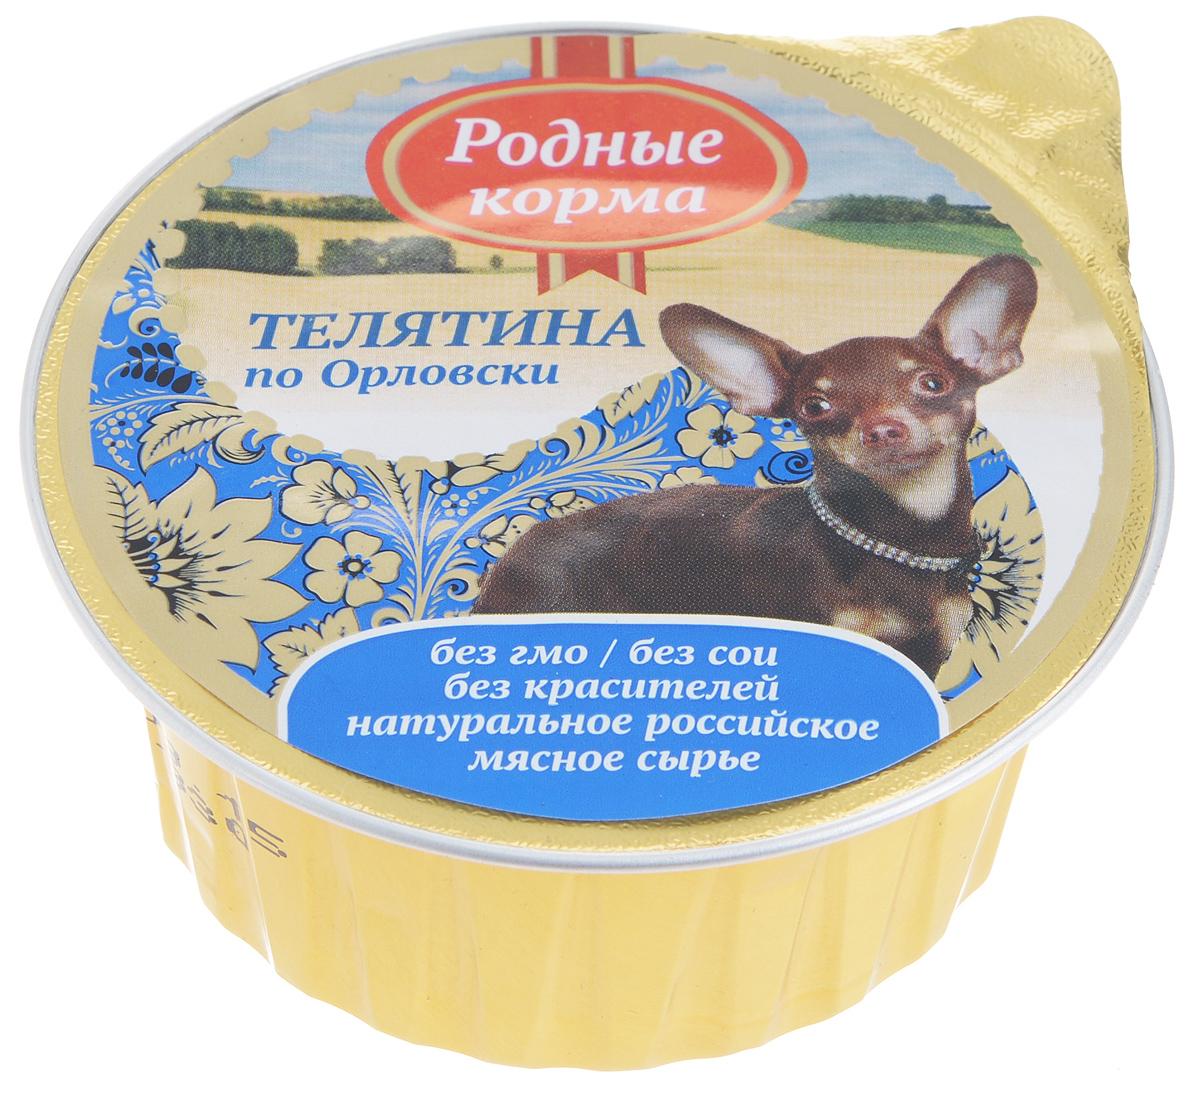 Консервы для собак Родные корма Телятина по-орловски, 125 г60239В рацион домашнего любимца нужно обязательно включать консервированный корм, ведь его главные достоинства - высокая калорийность и питательная ценность. Консервы лучше усваиваются, чем сухие корма. Также важно, что животные, имеющие в рационе консервированный корм, получают больше влаги. Полнорационный консервированный корм Родные корма Телятина по-орловски идеально подойдет вашему любимцу. Консервы приготовлены из натурального российского мяса.Не содержат сои, консервантов, красителей, ароматизаторов и генномодифицированных продуктов.Состав: говядина, мясопродукты, натуральная желирующая добавка, злаки (не более 2%), растительное масло, соль, вода. Пищевая ценность в 100 г: 8% протеин, 6% жир, 0,2% клетчатка, 2% зола, 4% углеводы, влага - до 80%. Энергетическая ценность: 102 кКал. Вес: 125 г.Товар сертифицирован.